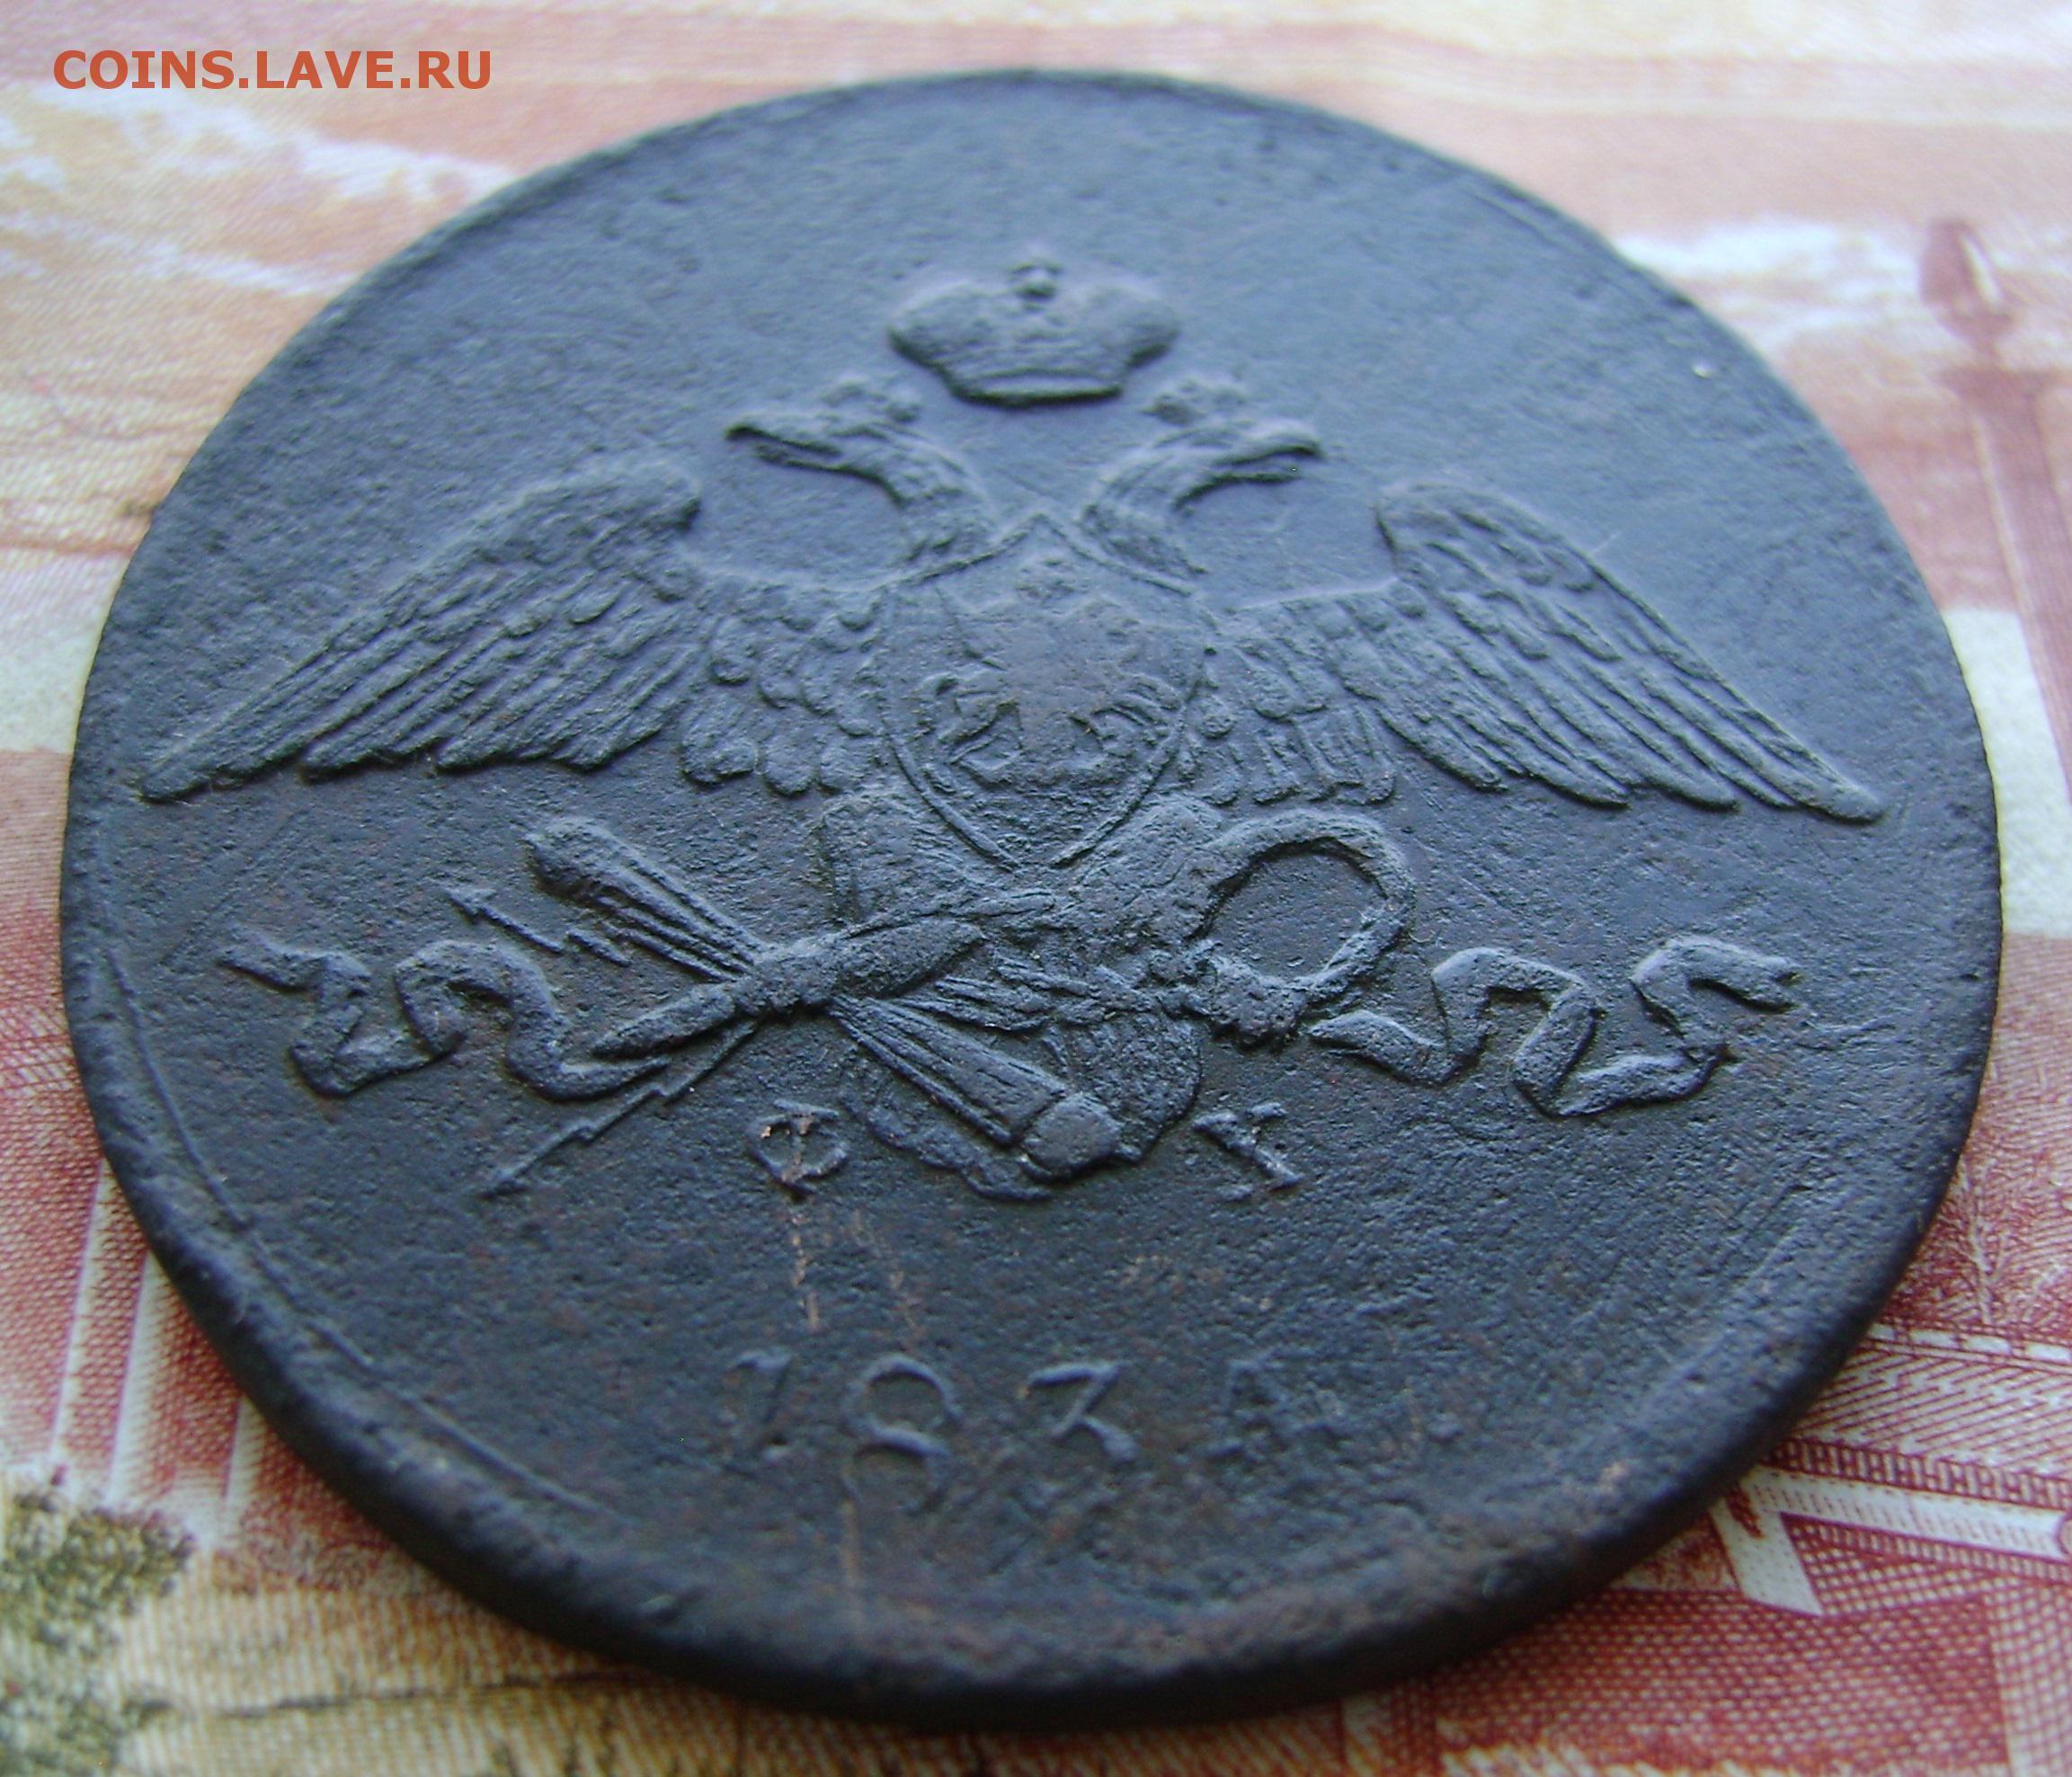 5 копеек1834 г и 1833 г масон ( медь) - dscn0355jpg 37229 кб просмотров: 59